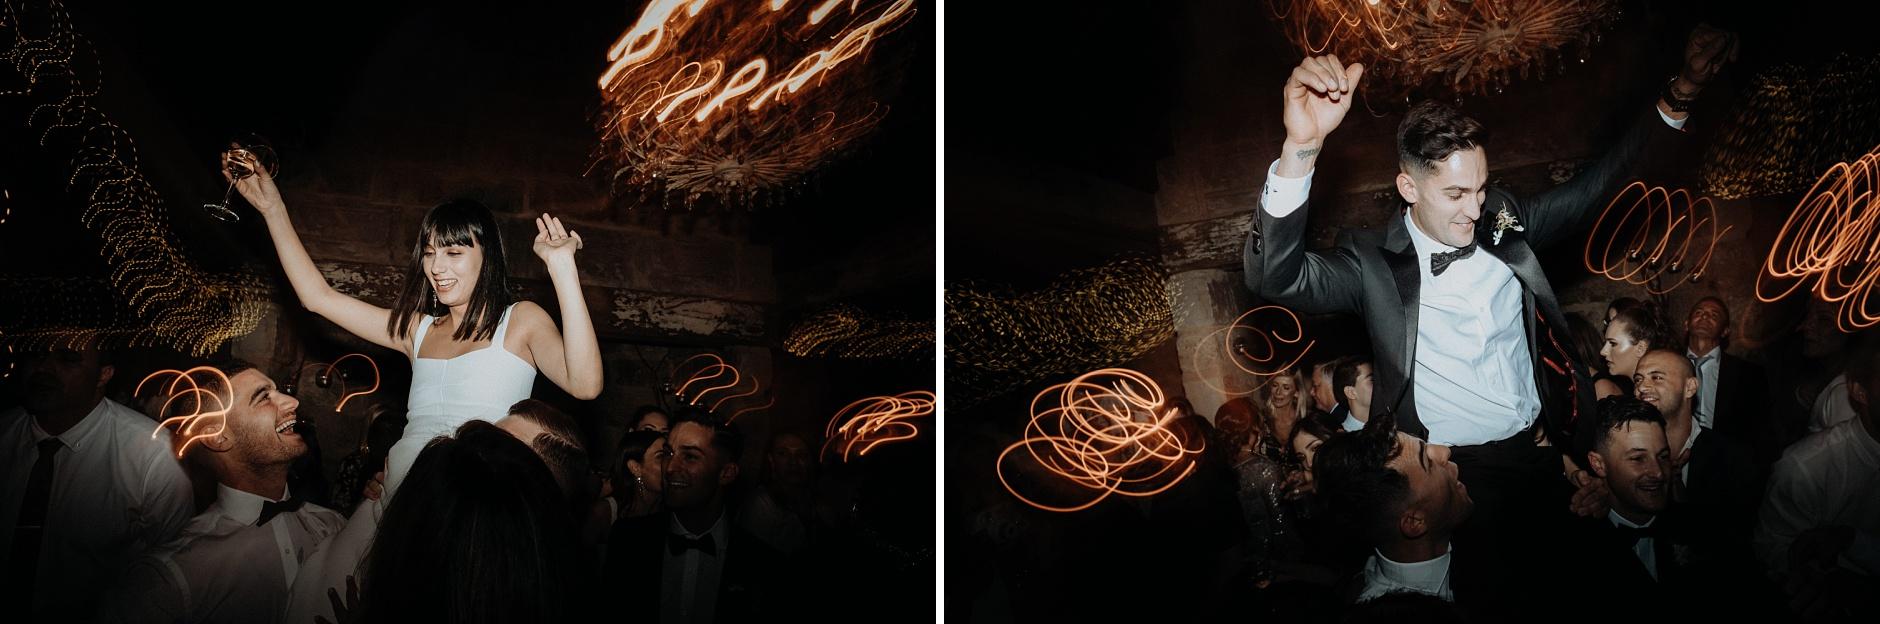 cassandra&cameron1180a_Peppers-Creek-Wedding.jpg